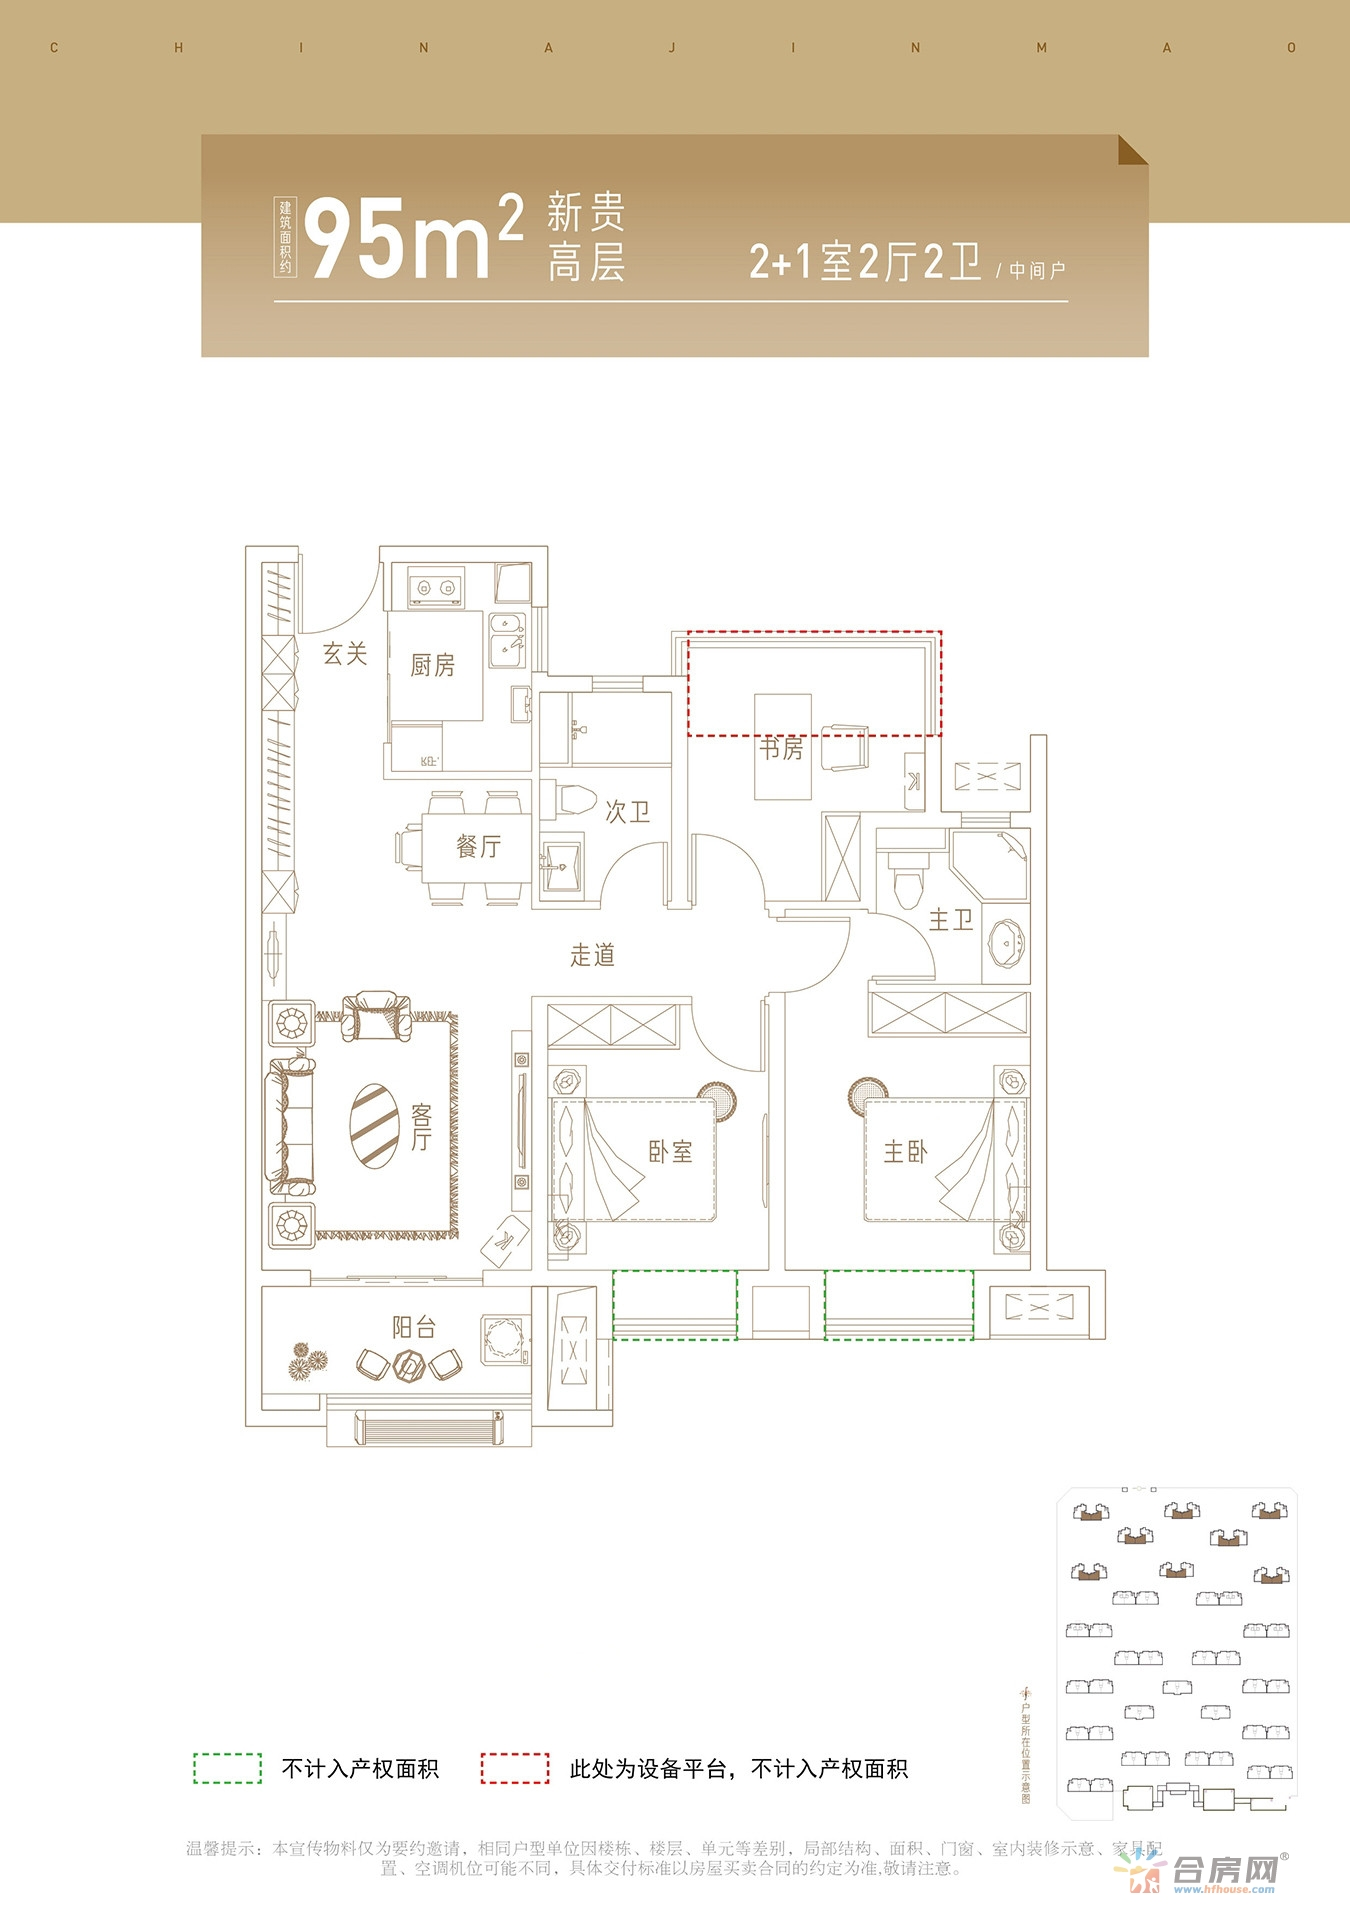 95㎡中间户,三室两厅两卫,双卧朝南并且自带飘窗,舒适度较强,南向观景阳台连接客厅,采光充足,U型厨房设计,根据人体工学设计,书房面积半赠送,性价比较高。